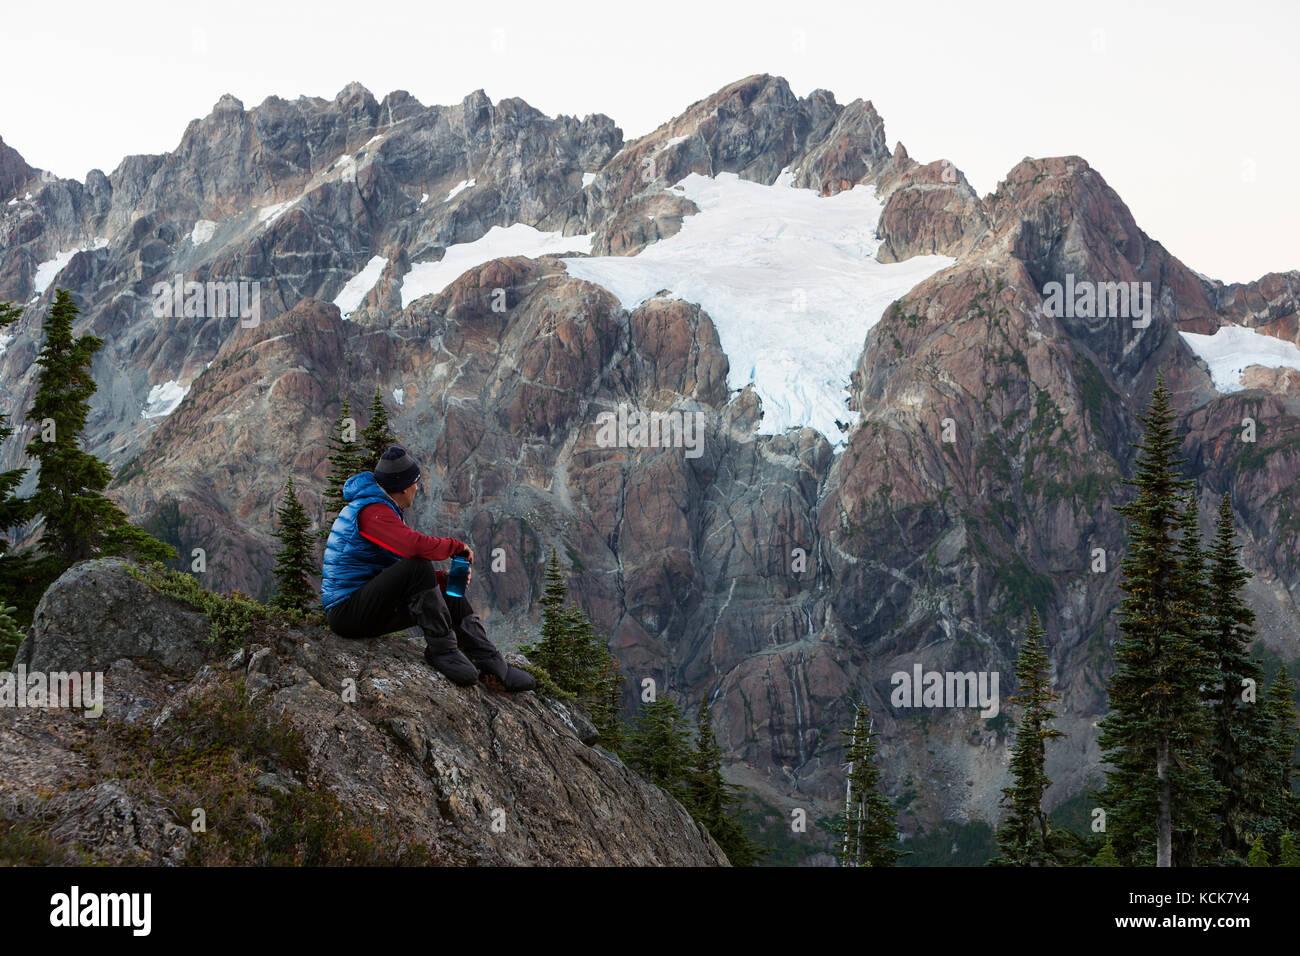 Un excursionista solitario mira al macizo de Septimus/Rousseau y está colgando el glaciar mientras acampaba por Foto de stock